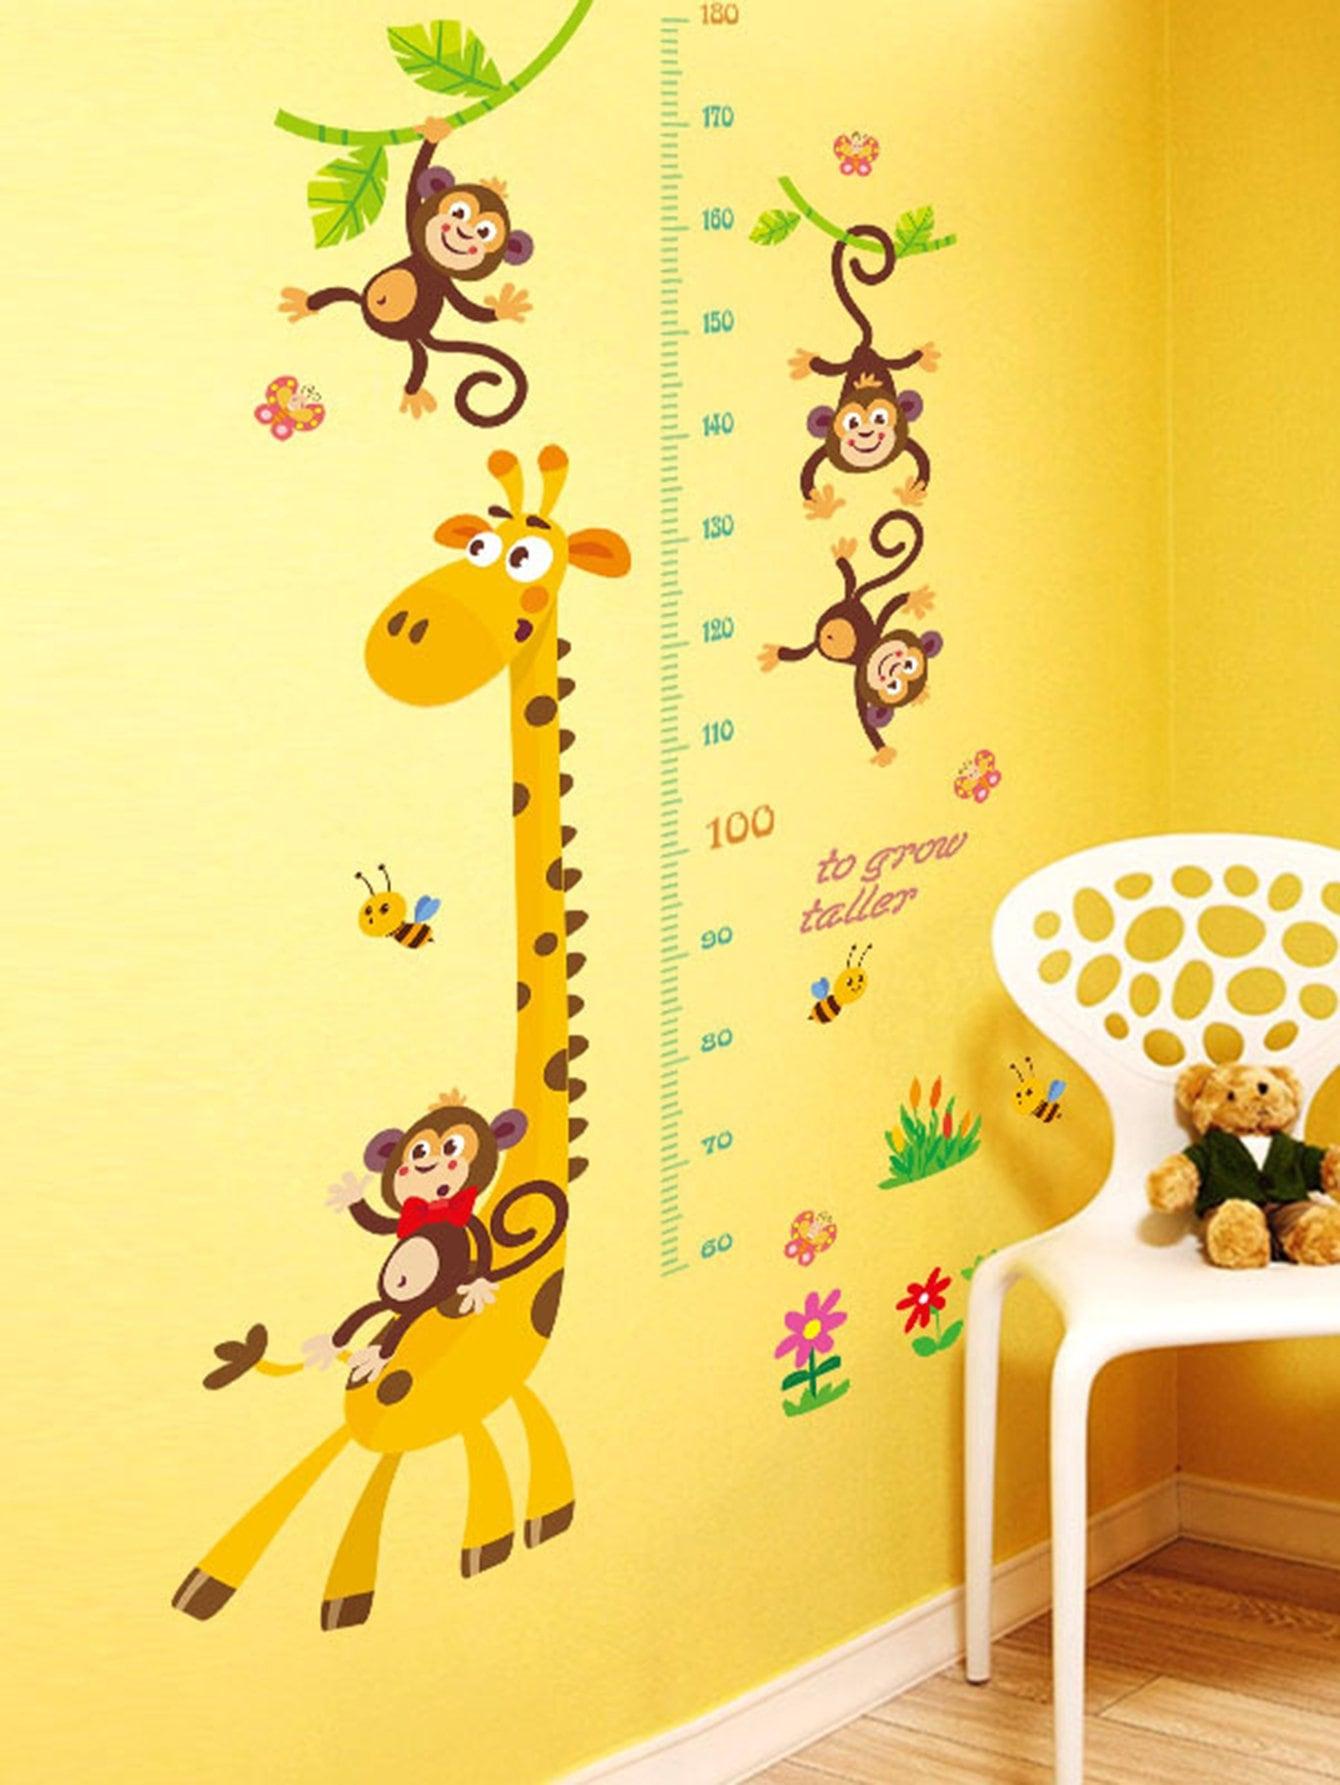 Giraffe Monkey Height Measure Wall Sticker room decor cartoon height measure tree wall sticker